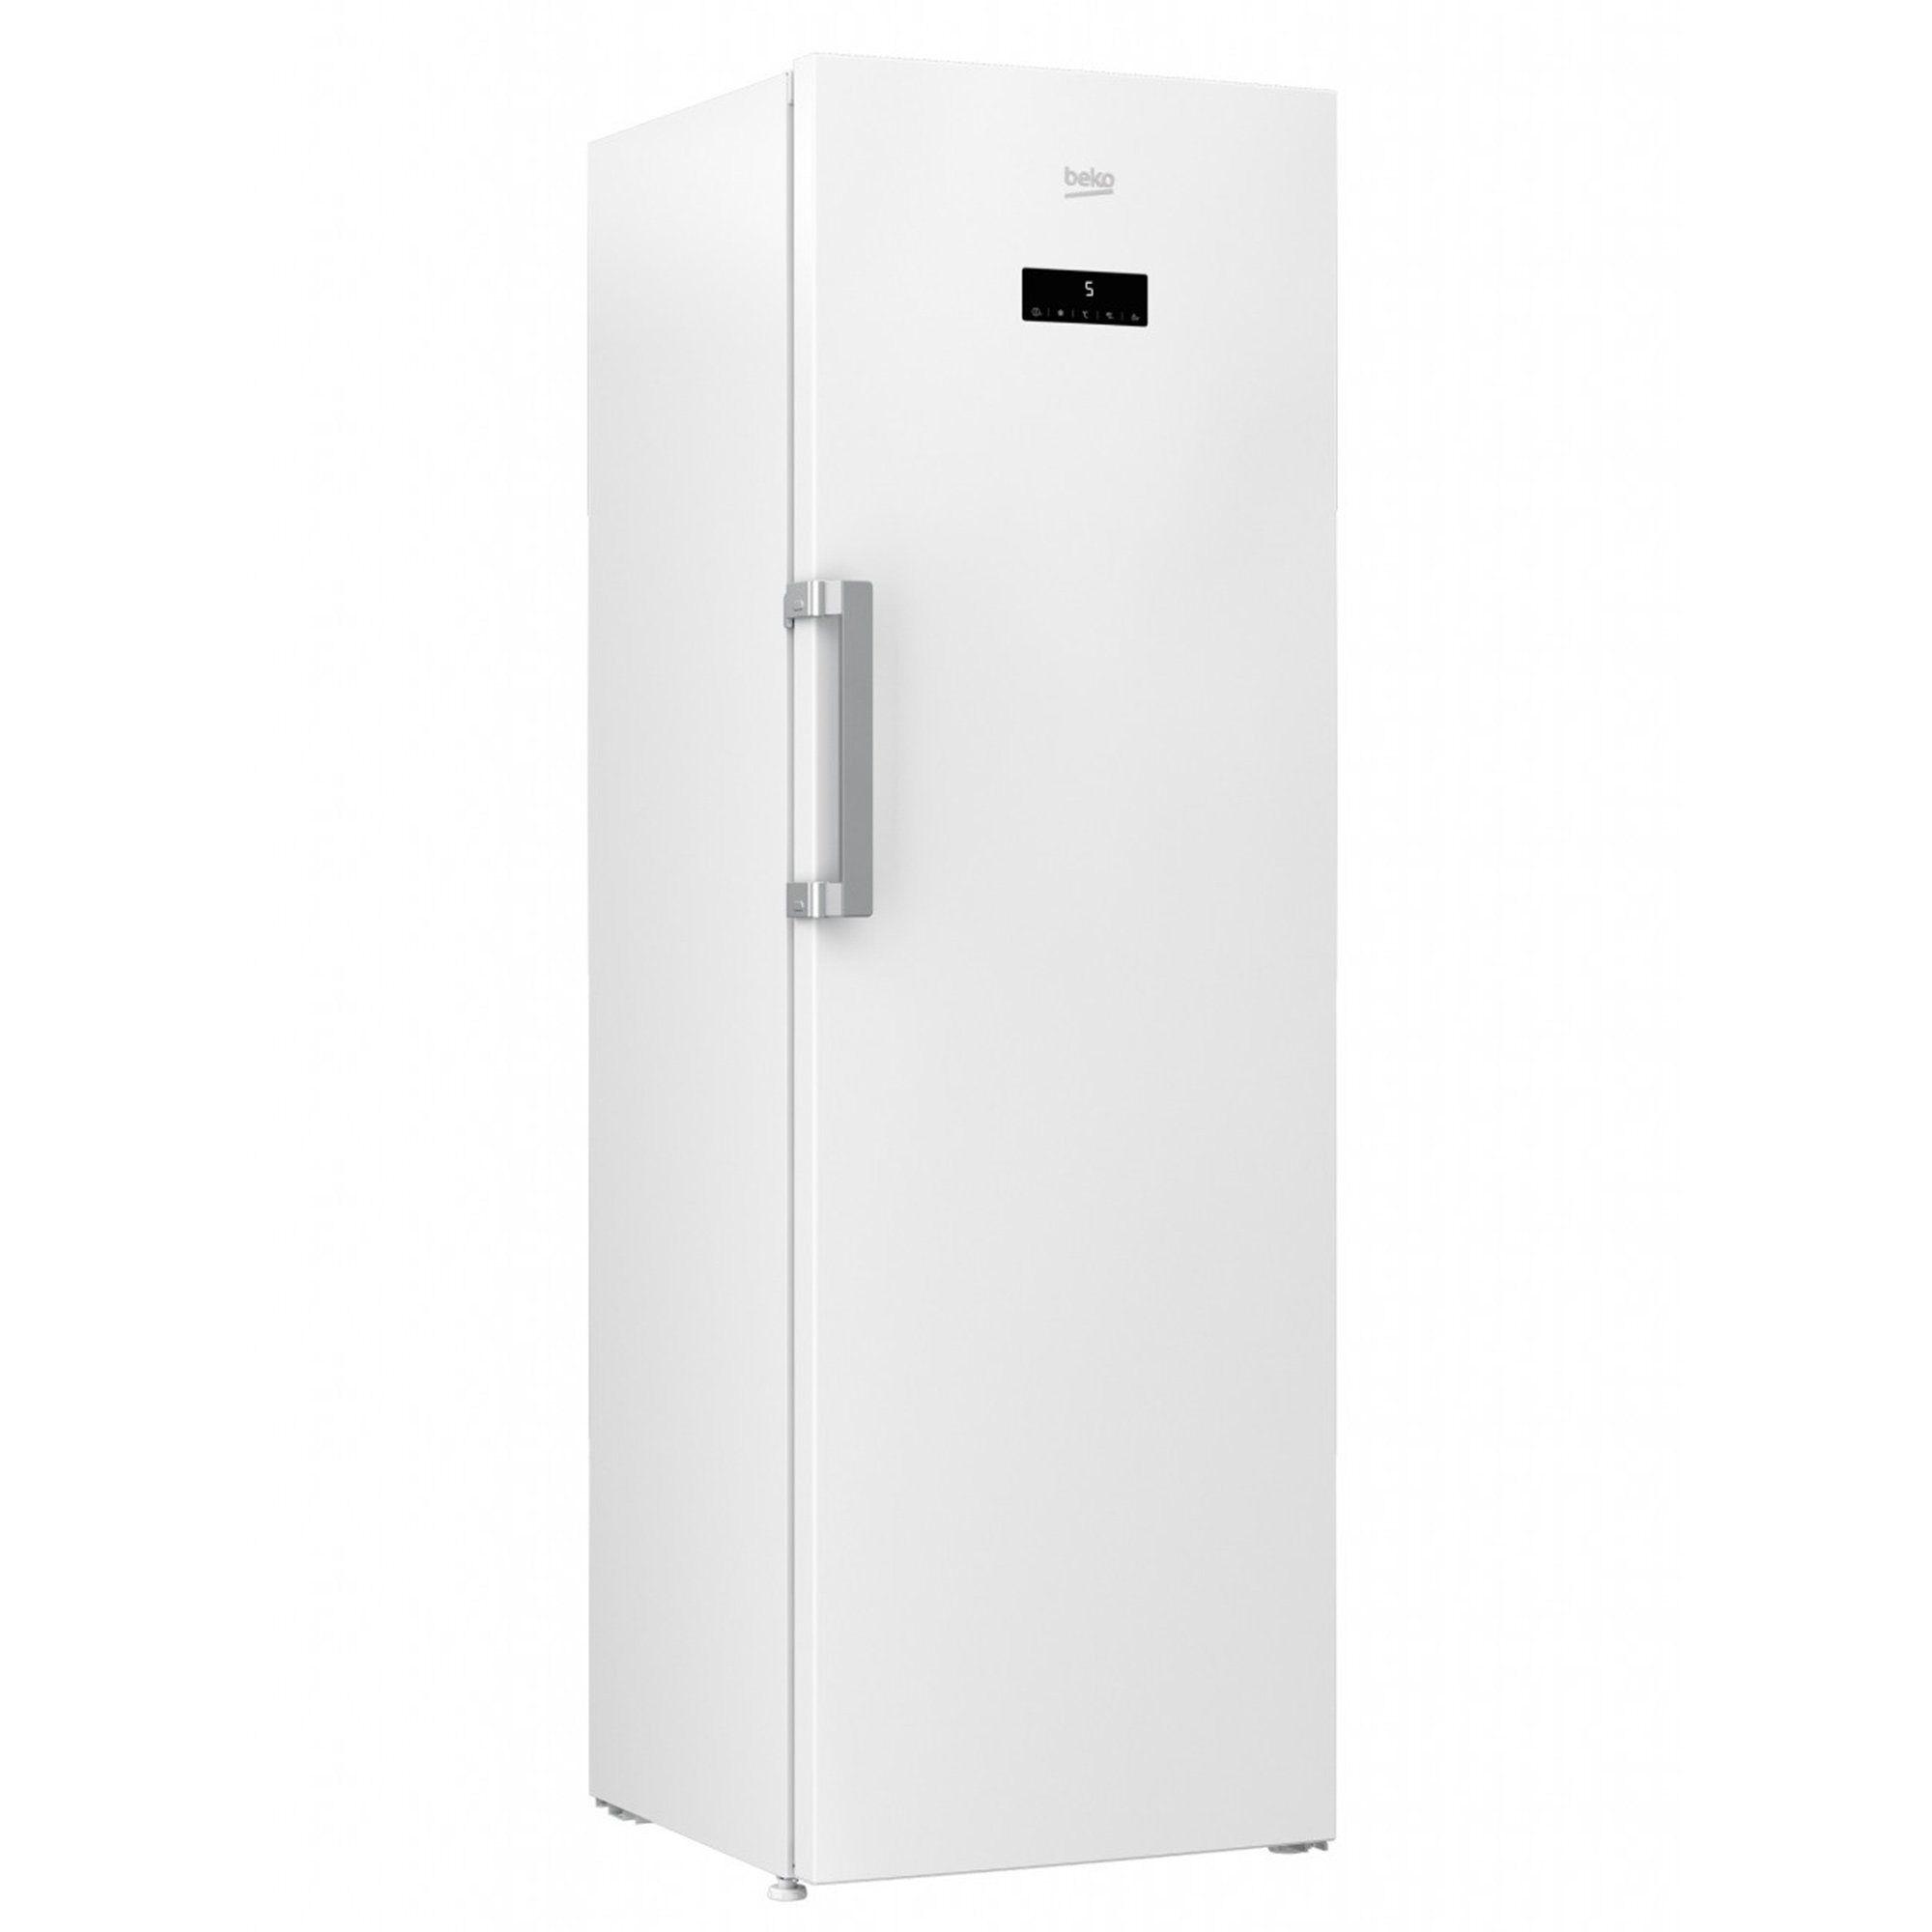 Beko Gefrierschrank RFNE312E33W, 185 cm hoch, 59.5 cm breit, A++ Supergefrierschaltung Vorgefriertablett mit Eiswürfelschale, Energieeffizienzklasse A++